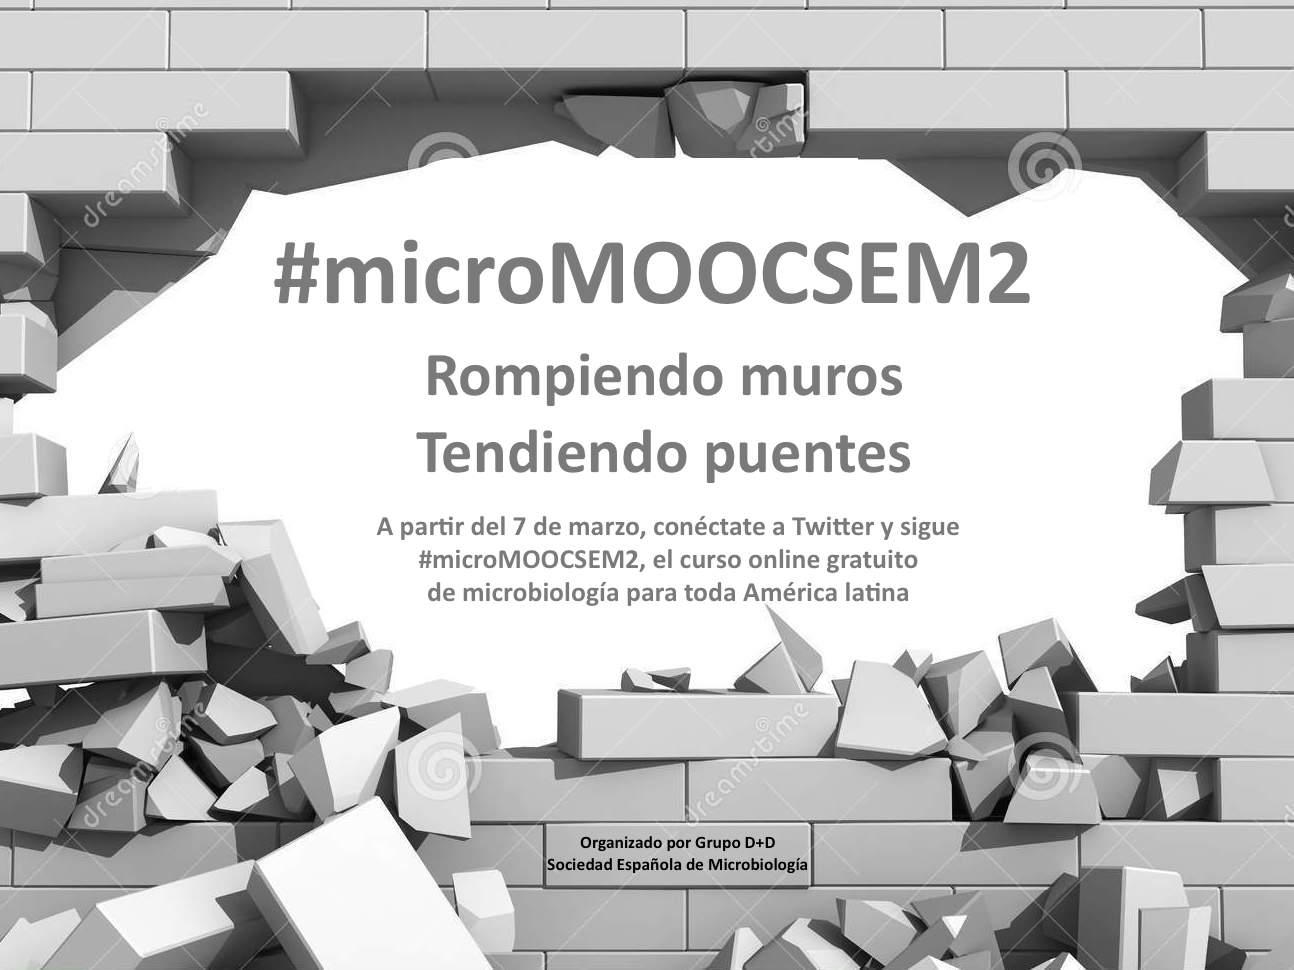 Comienza #microMOOCSEM2 el curso de microbiología vía Twitter y Facebook para España y toda América latina https://t.co/3xhokYXw2a